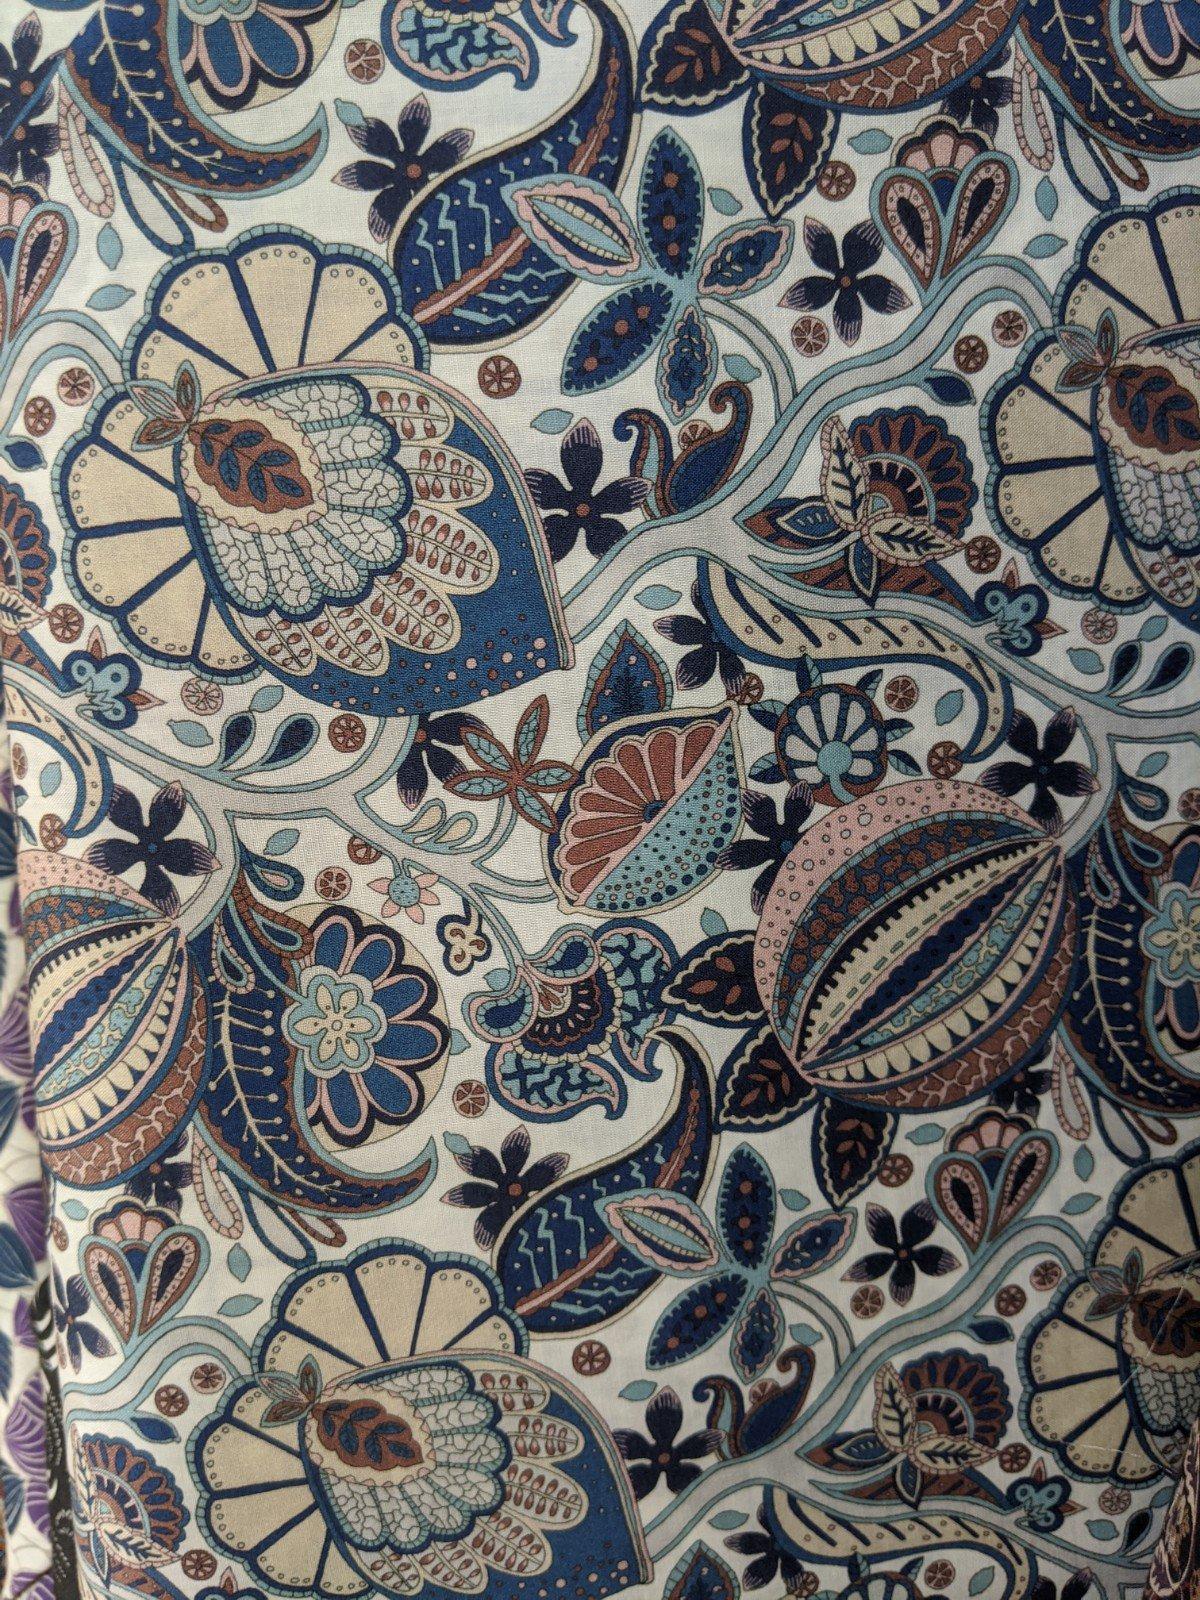 Liberty of London Cotton Lawn - Mosaic Garden